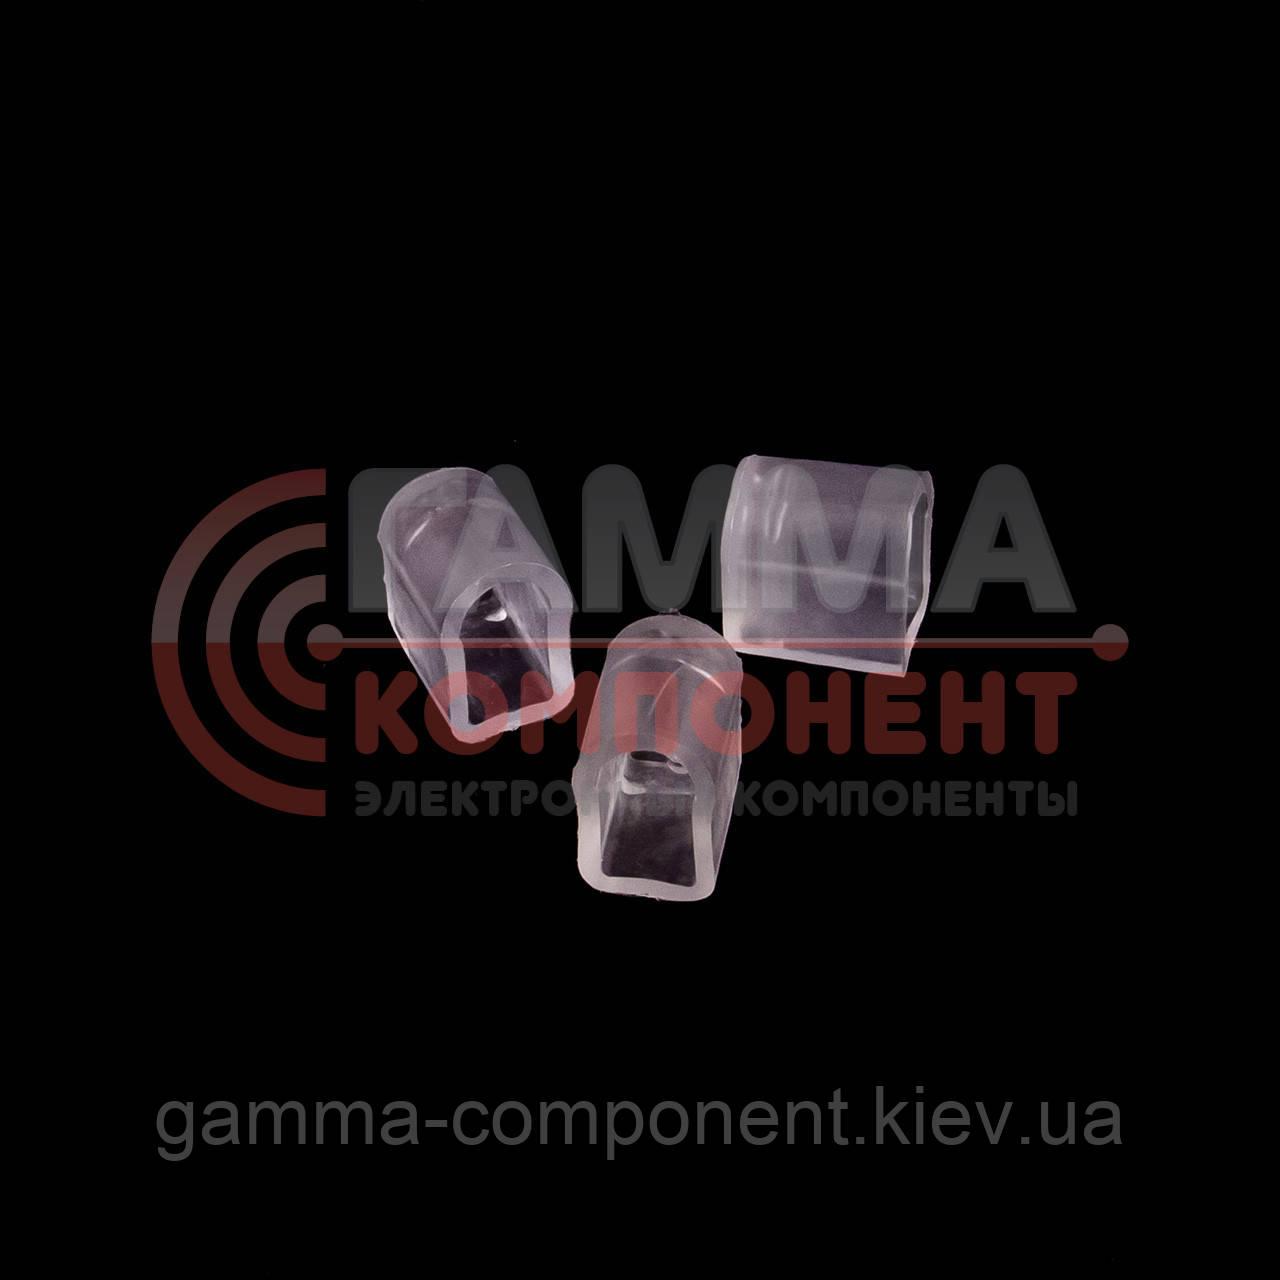 Заглушка для светодиодного неона 220B smd 2835-120 лед/м